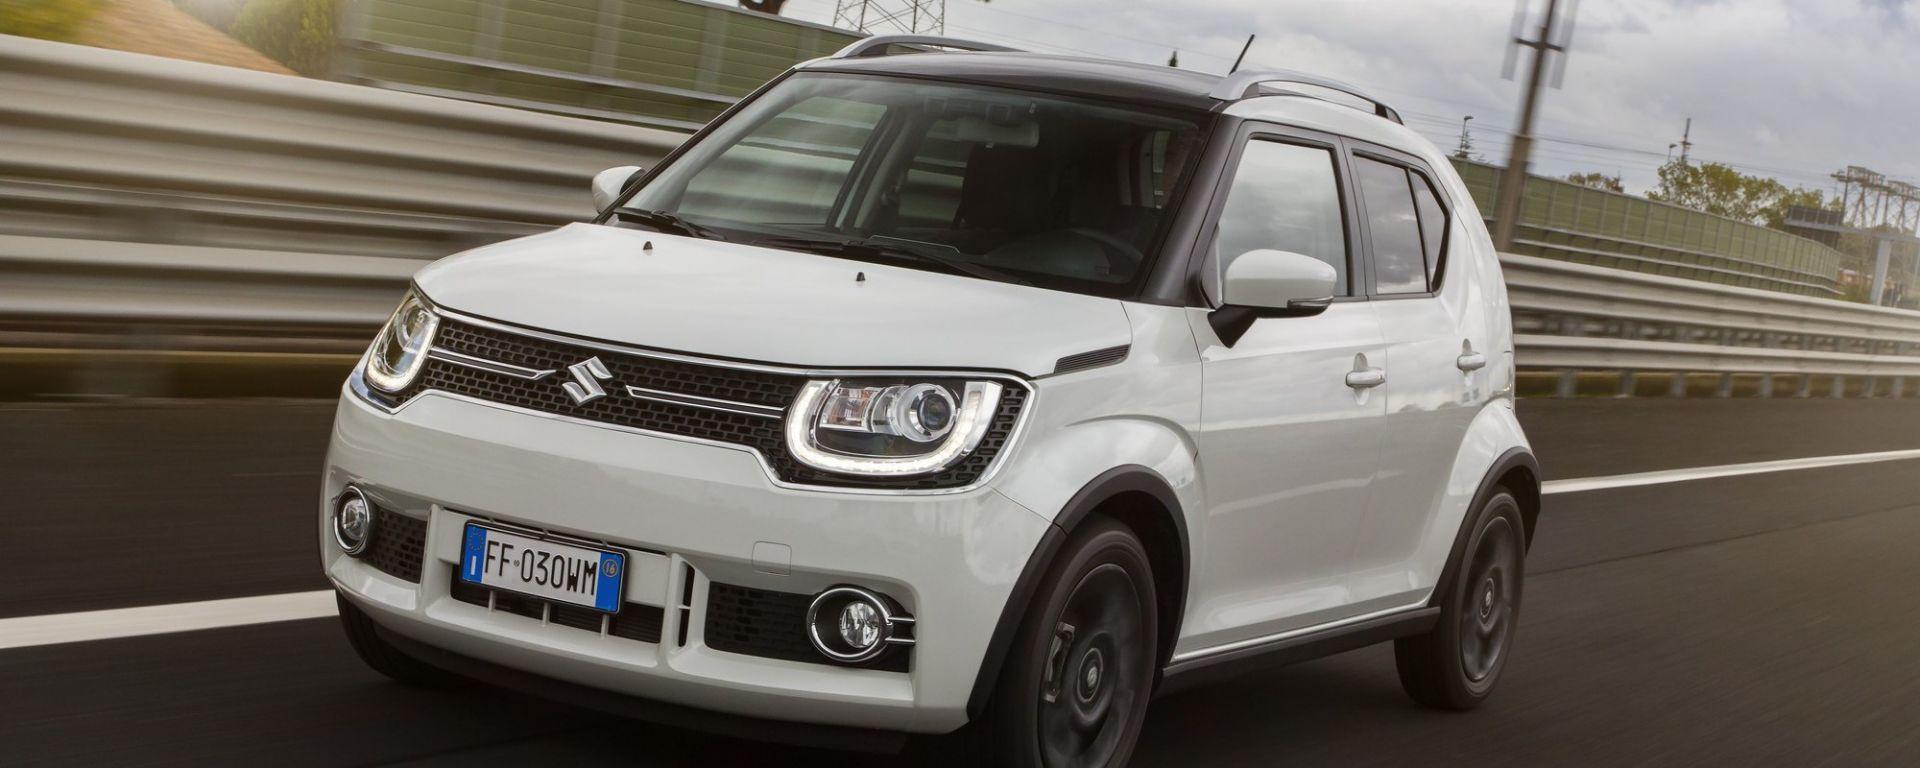 Suzuki Ignis: prova, dotazioni, prezzi